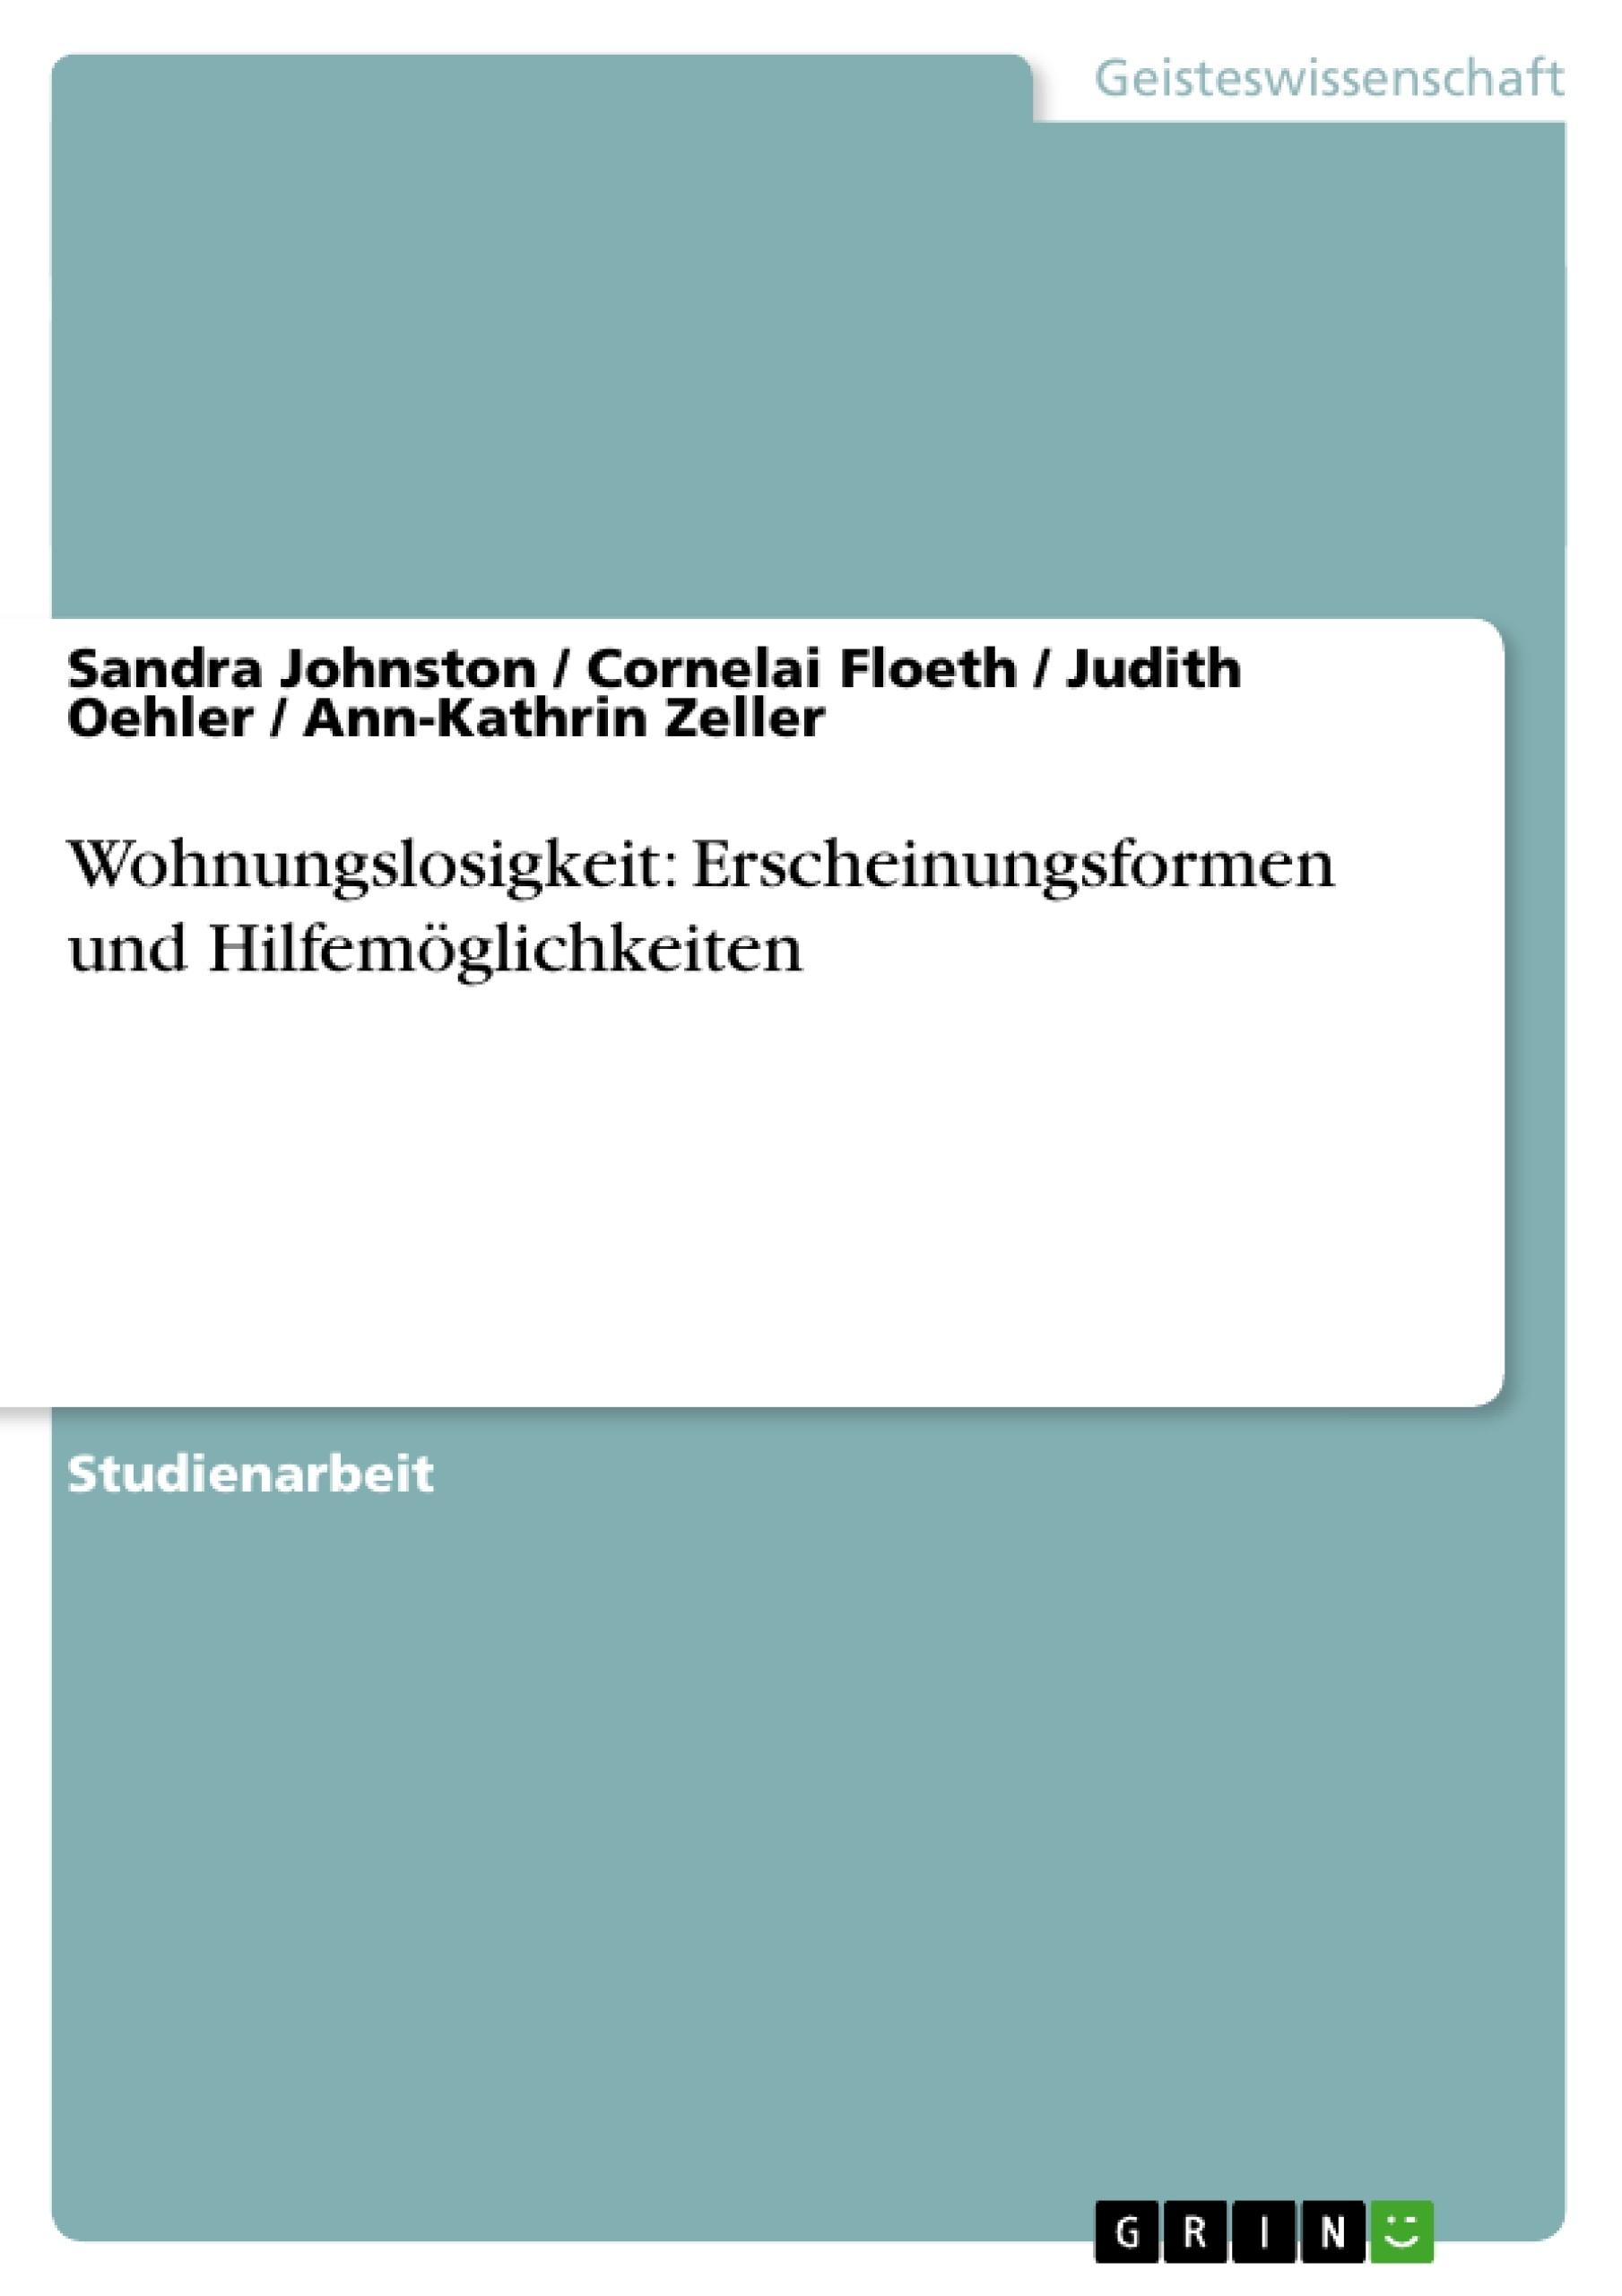 Titel: Wohnungslosigkeit: Erscheinungsformen und Hilfemöglichkeiten